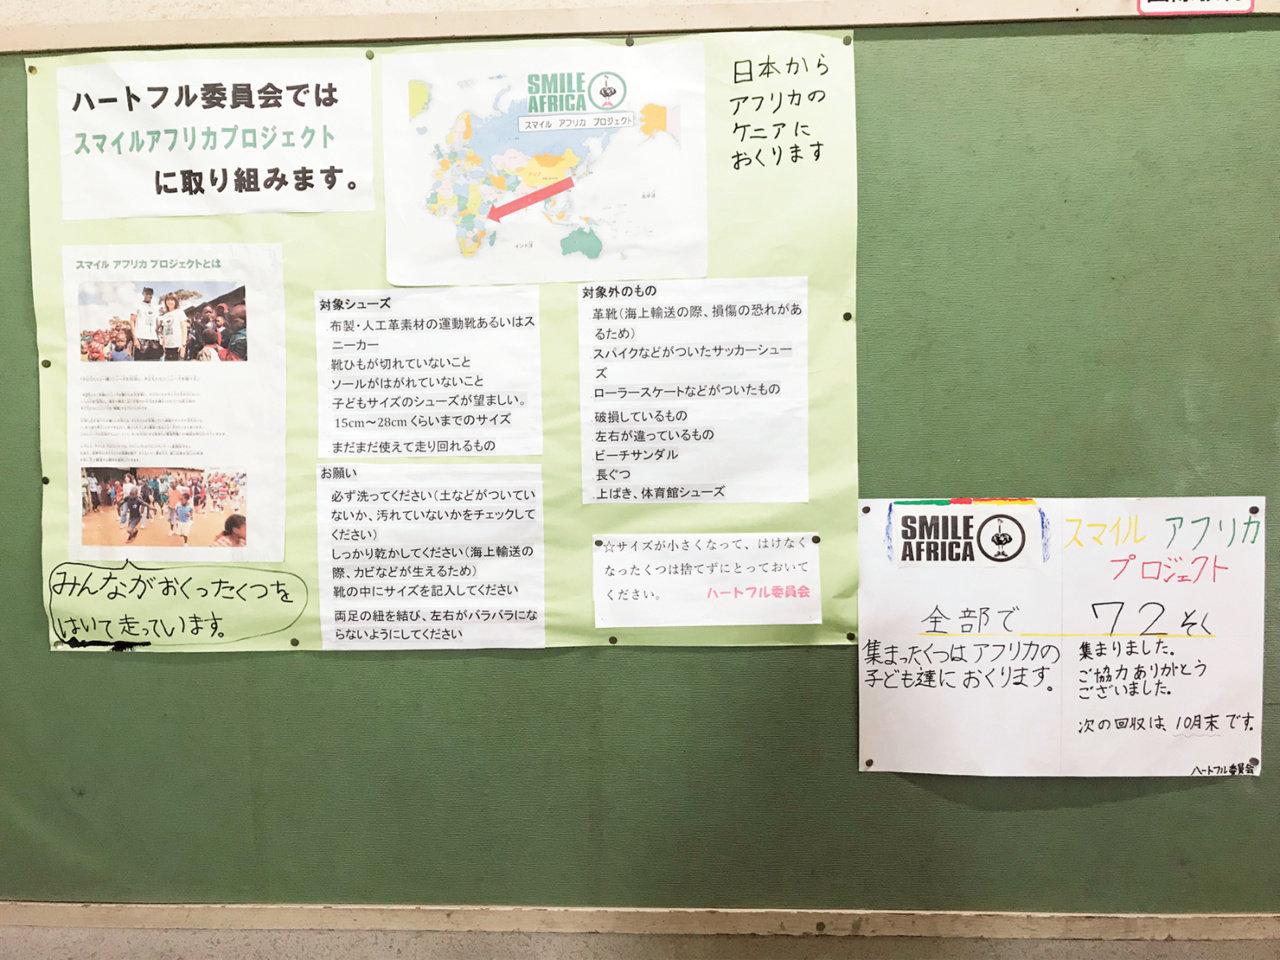 まだまだ履けるシューズをアフリカに送ることで、日本の子どもたちにも学びがあります。